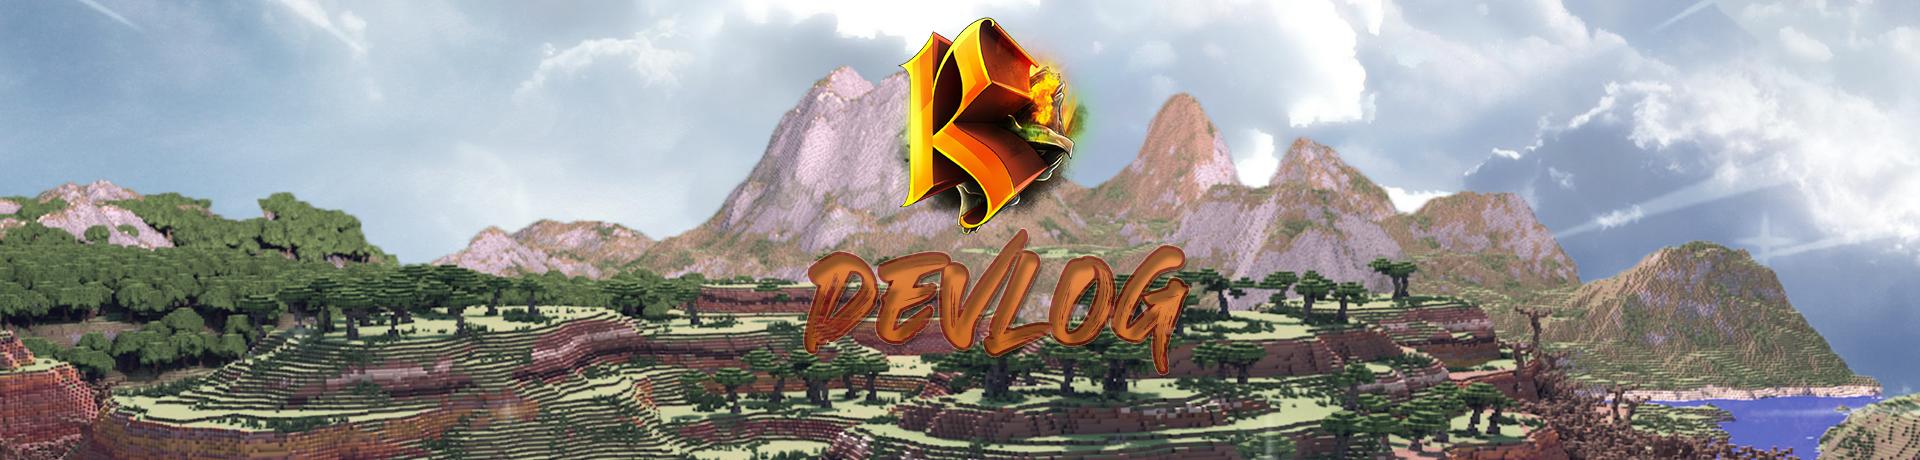 Banner-Devlog.png